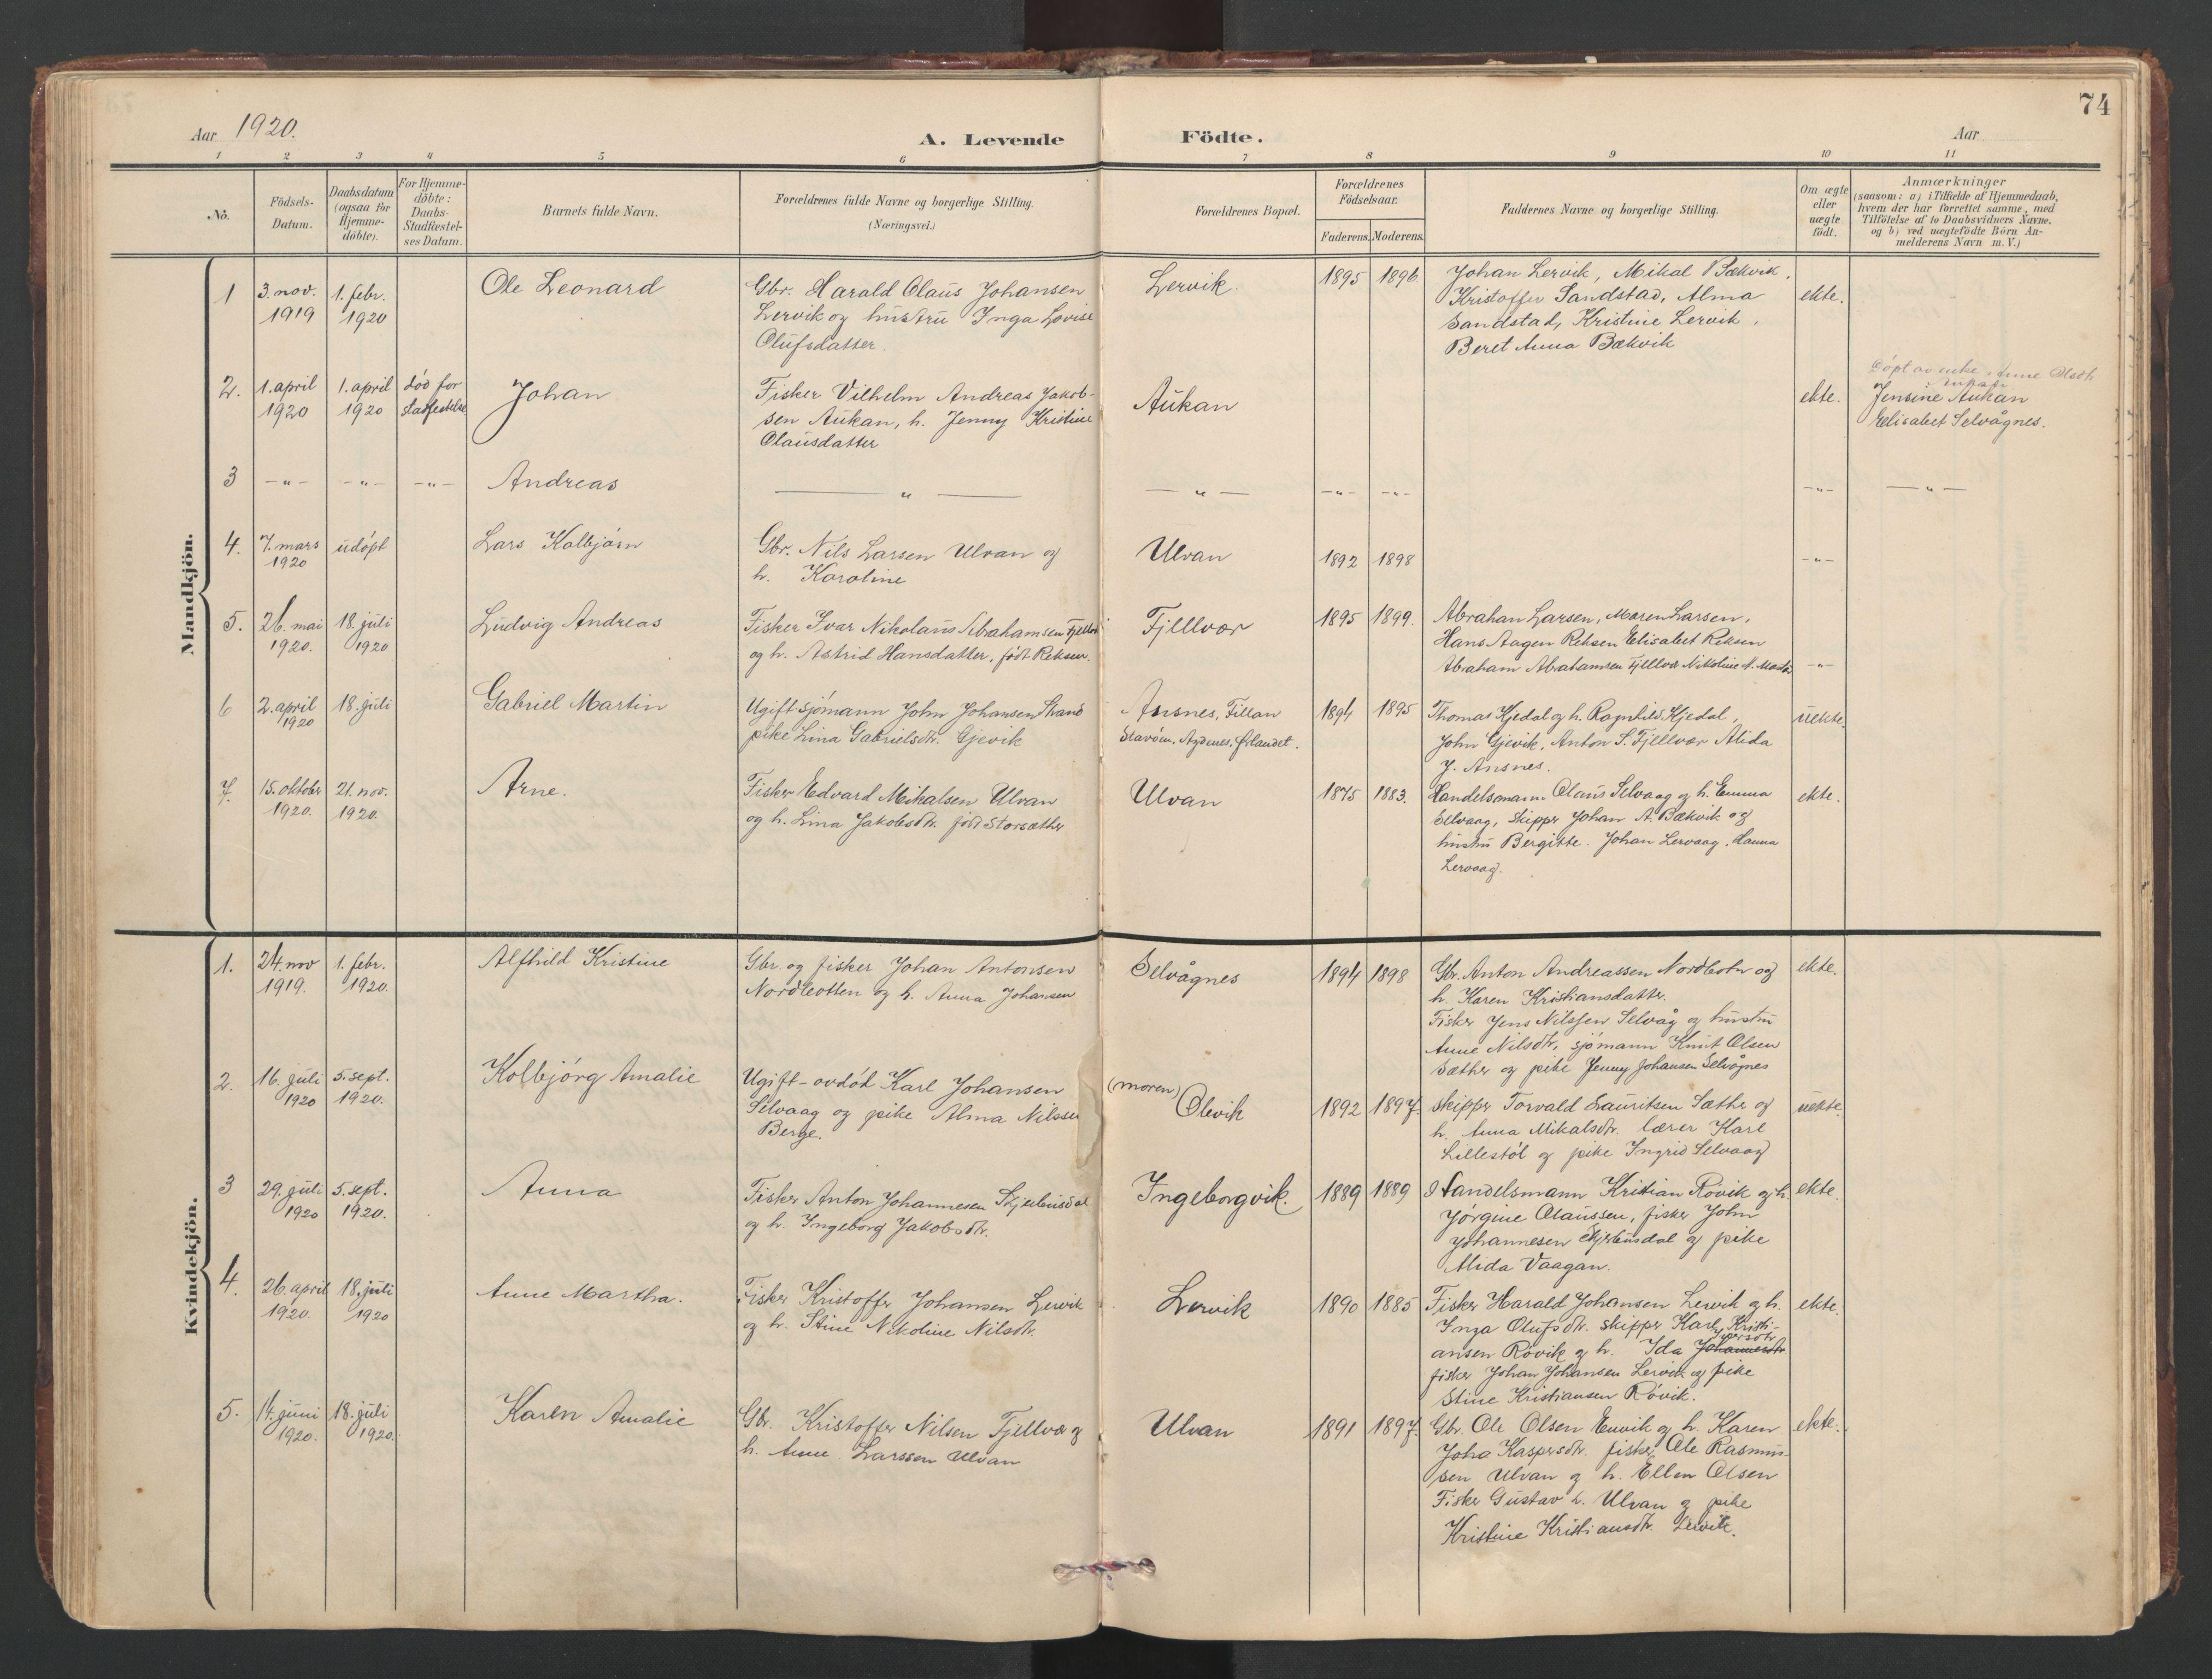 SAT, Ministerialprotokoller, klokkerbøker og fødselsregistre - Sør-Trøndelag, 638/L0571: Klokkerbok nr. 638C03, 1901-1930, s. 74